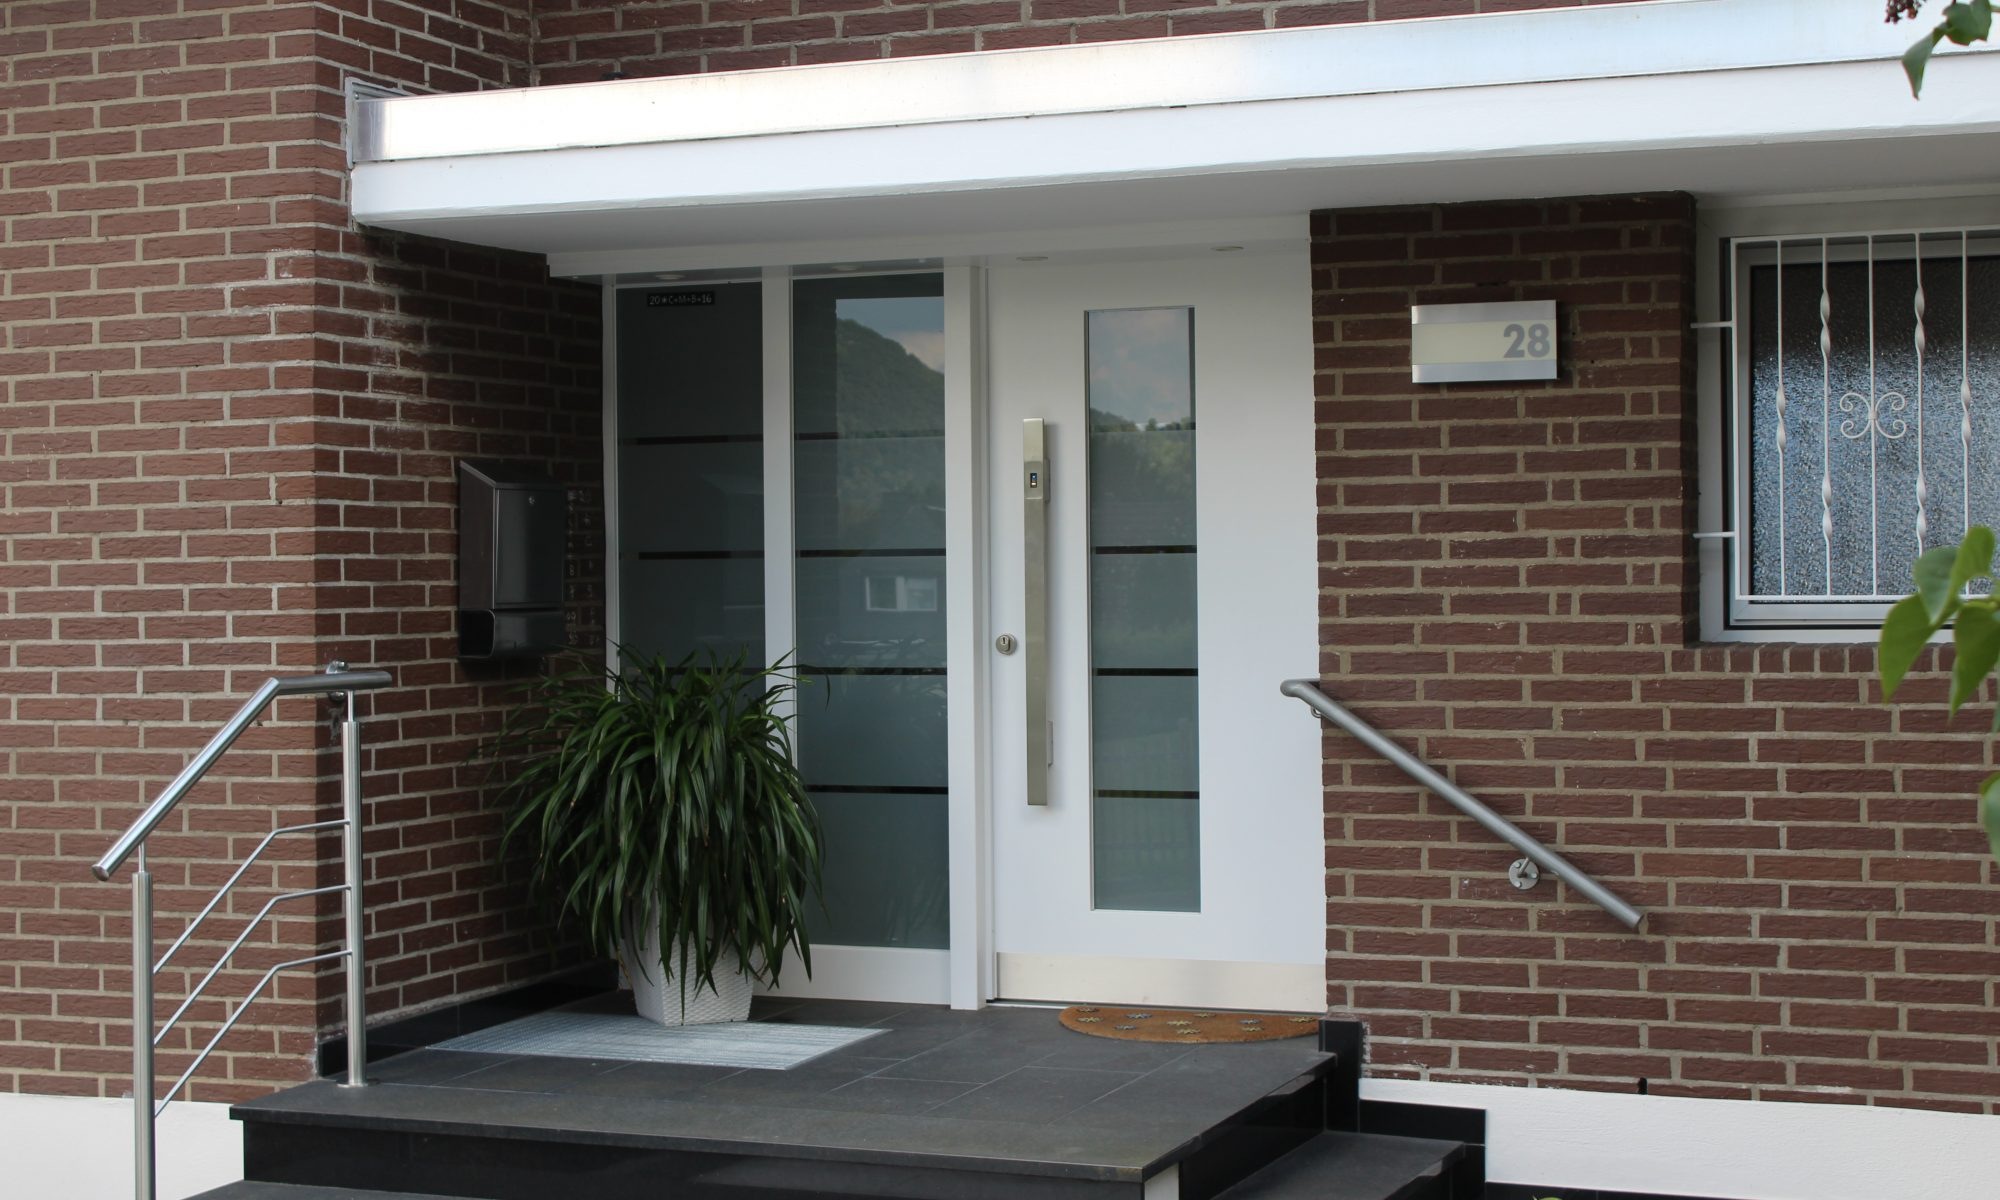 neue Haustür-Schreinerei Gerards-Haustür mit Sicherheitstechnik-moderne Haustür